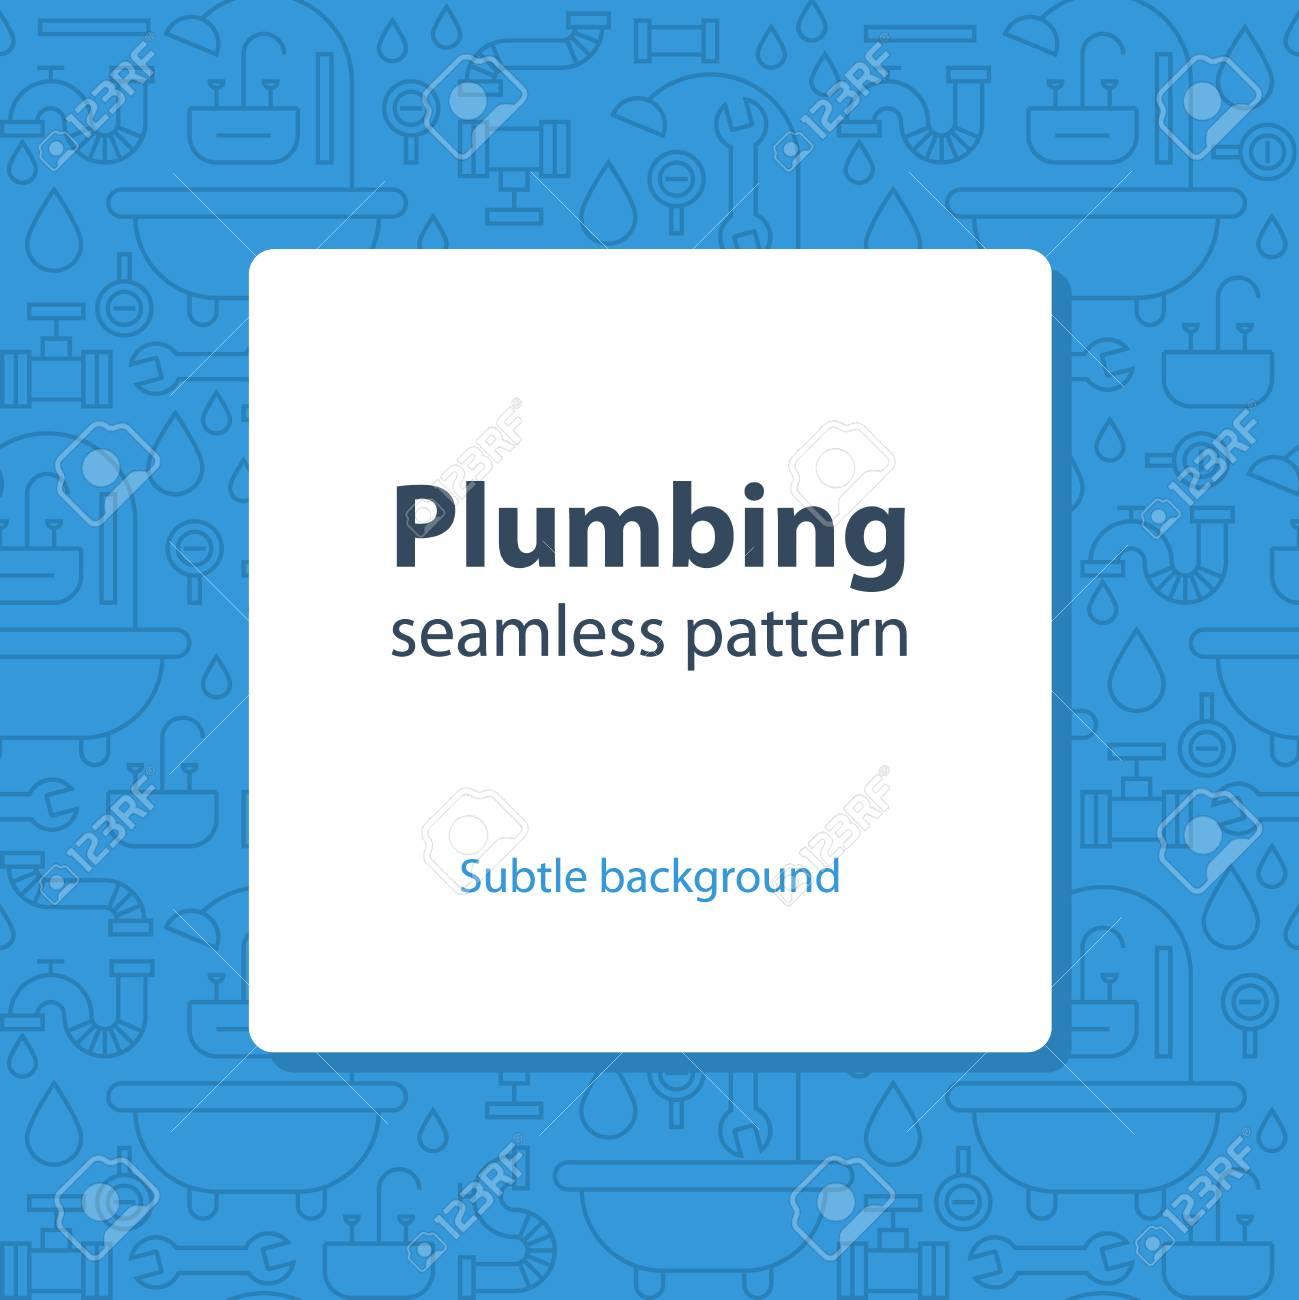 Seamless pattern, plumbing theme - 49660097